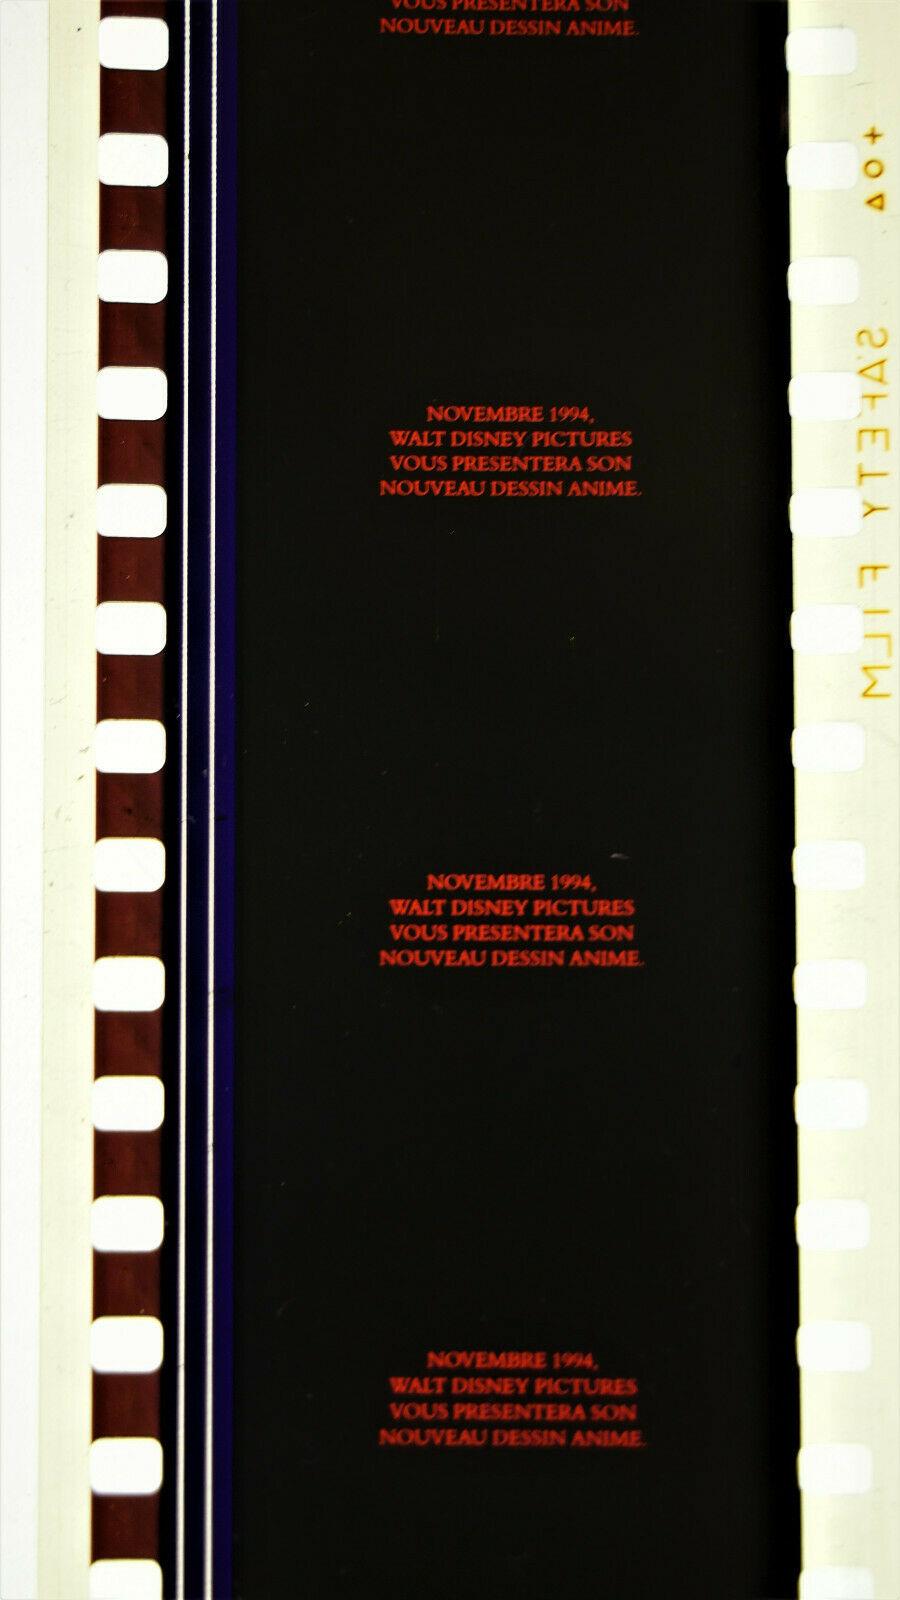 Films annonces en 35mm et PLV cinéma Rl310